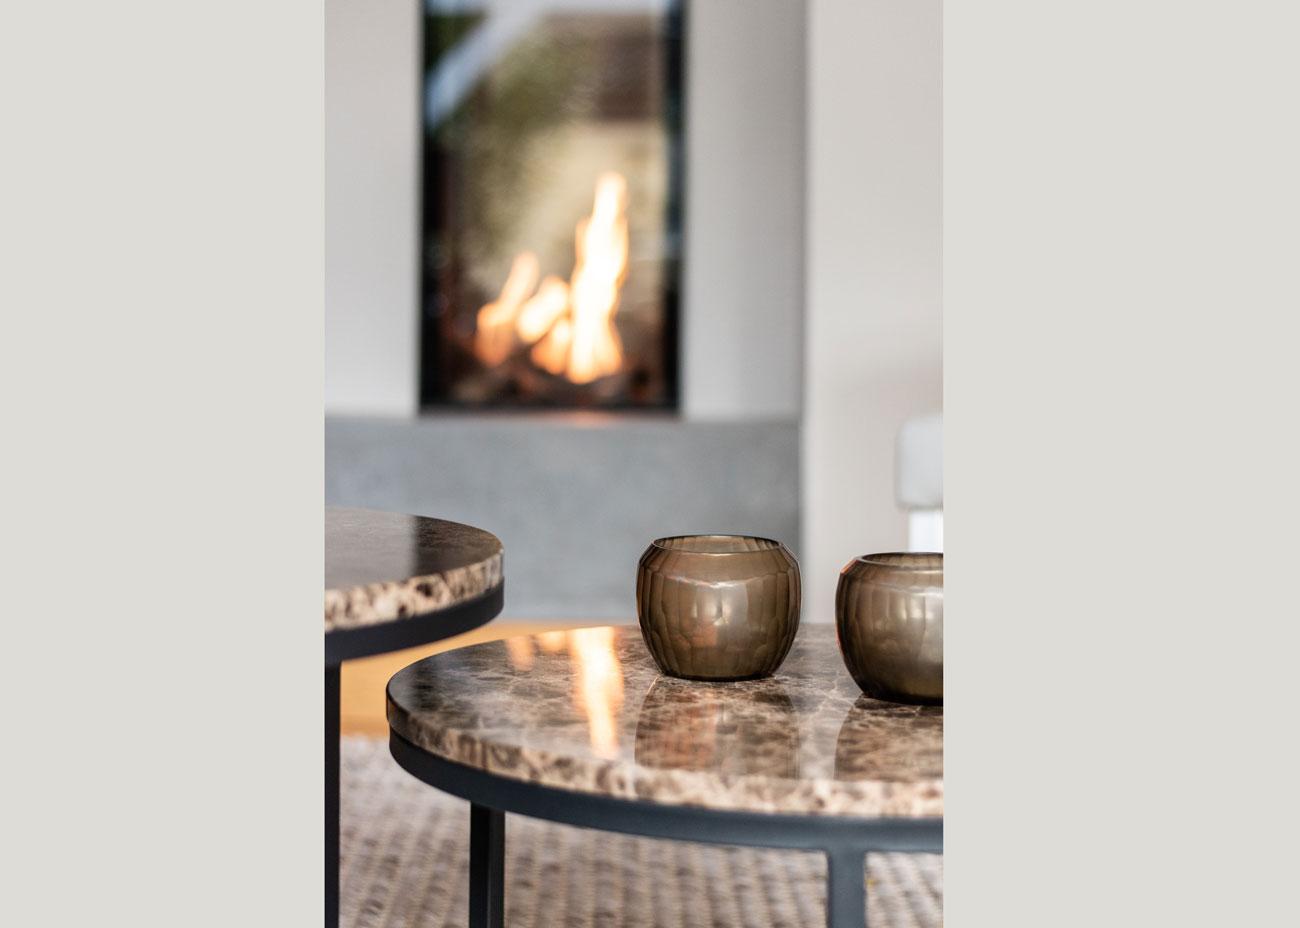 haus renovieren ideen wohnzimmer kamin feuer marmor tisch grau glas